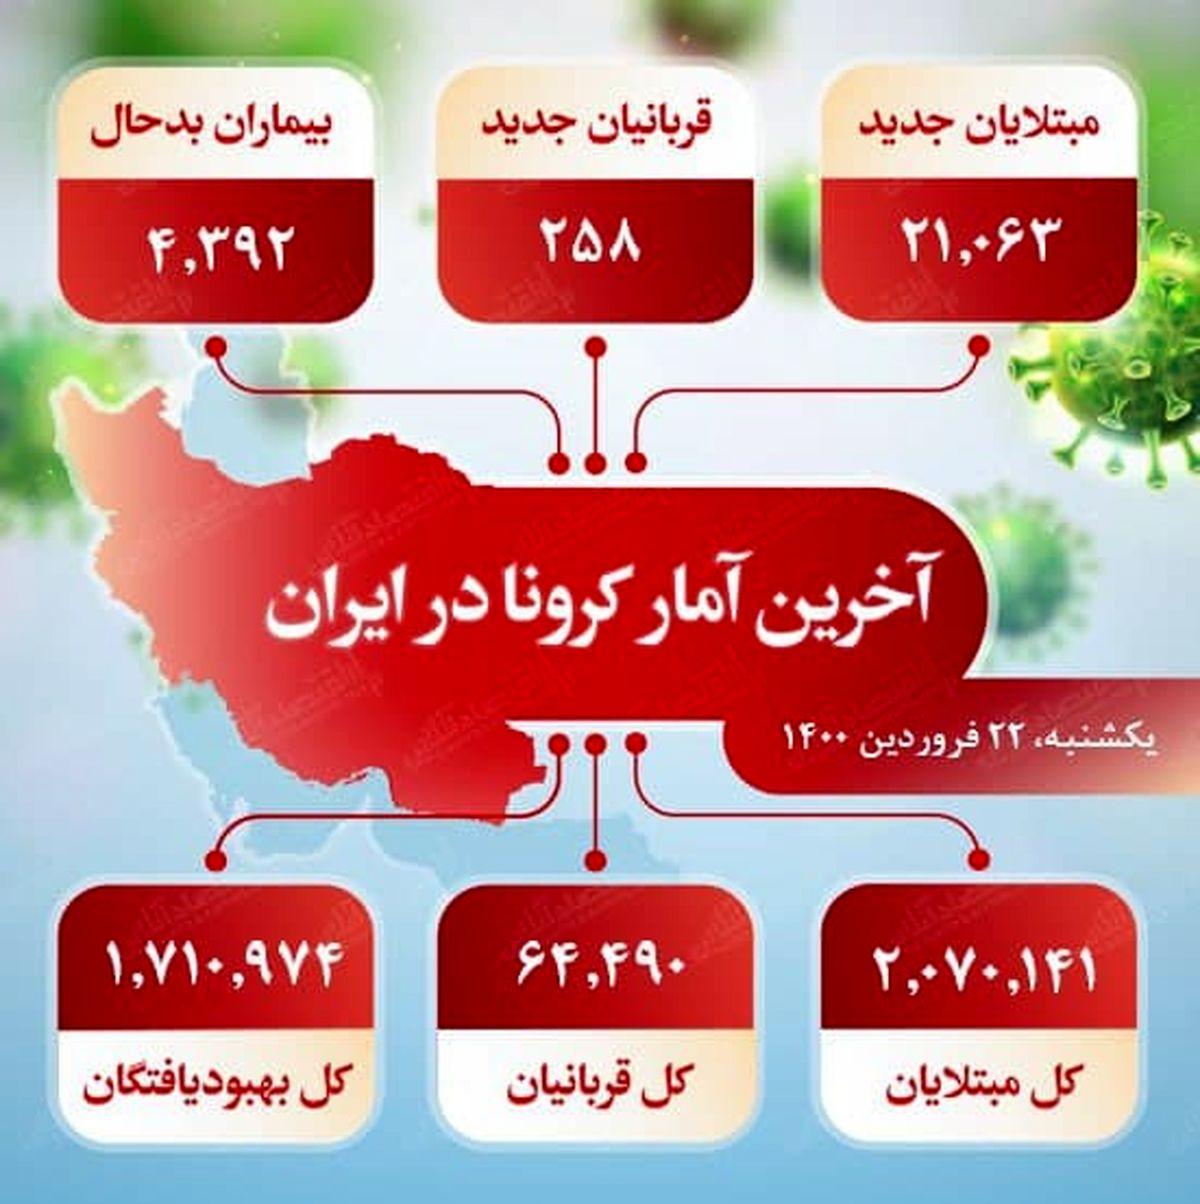 آخرین آمار کرونا در ایران (۱۴۰۰/۱/۲۲)